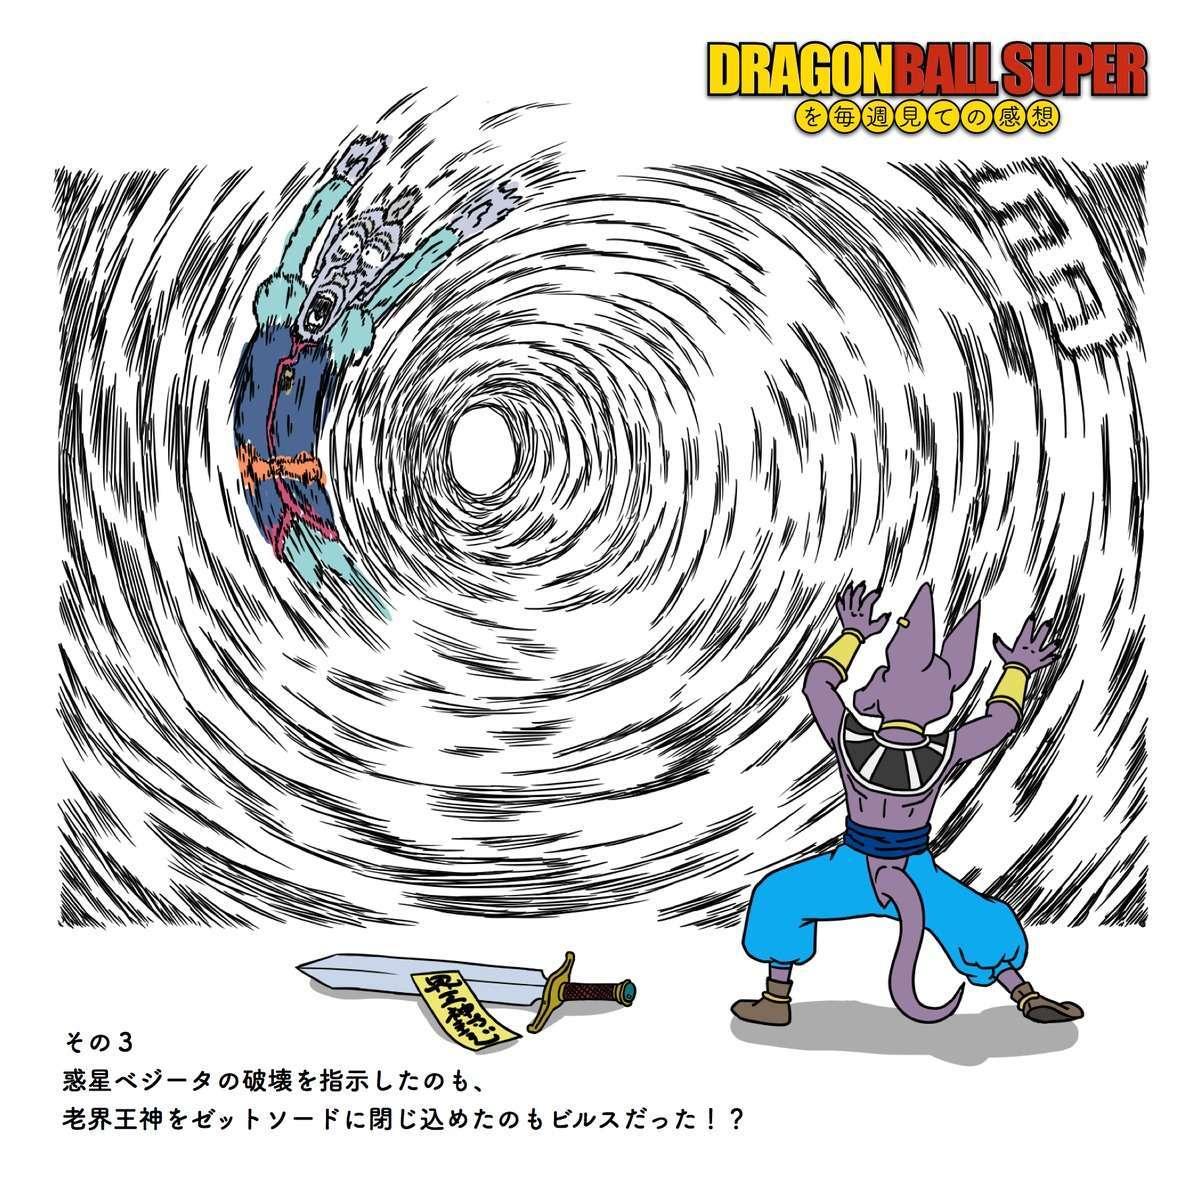 Ảnh minh họa chế: Old kai bị phong ấn vào kiếm Z